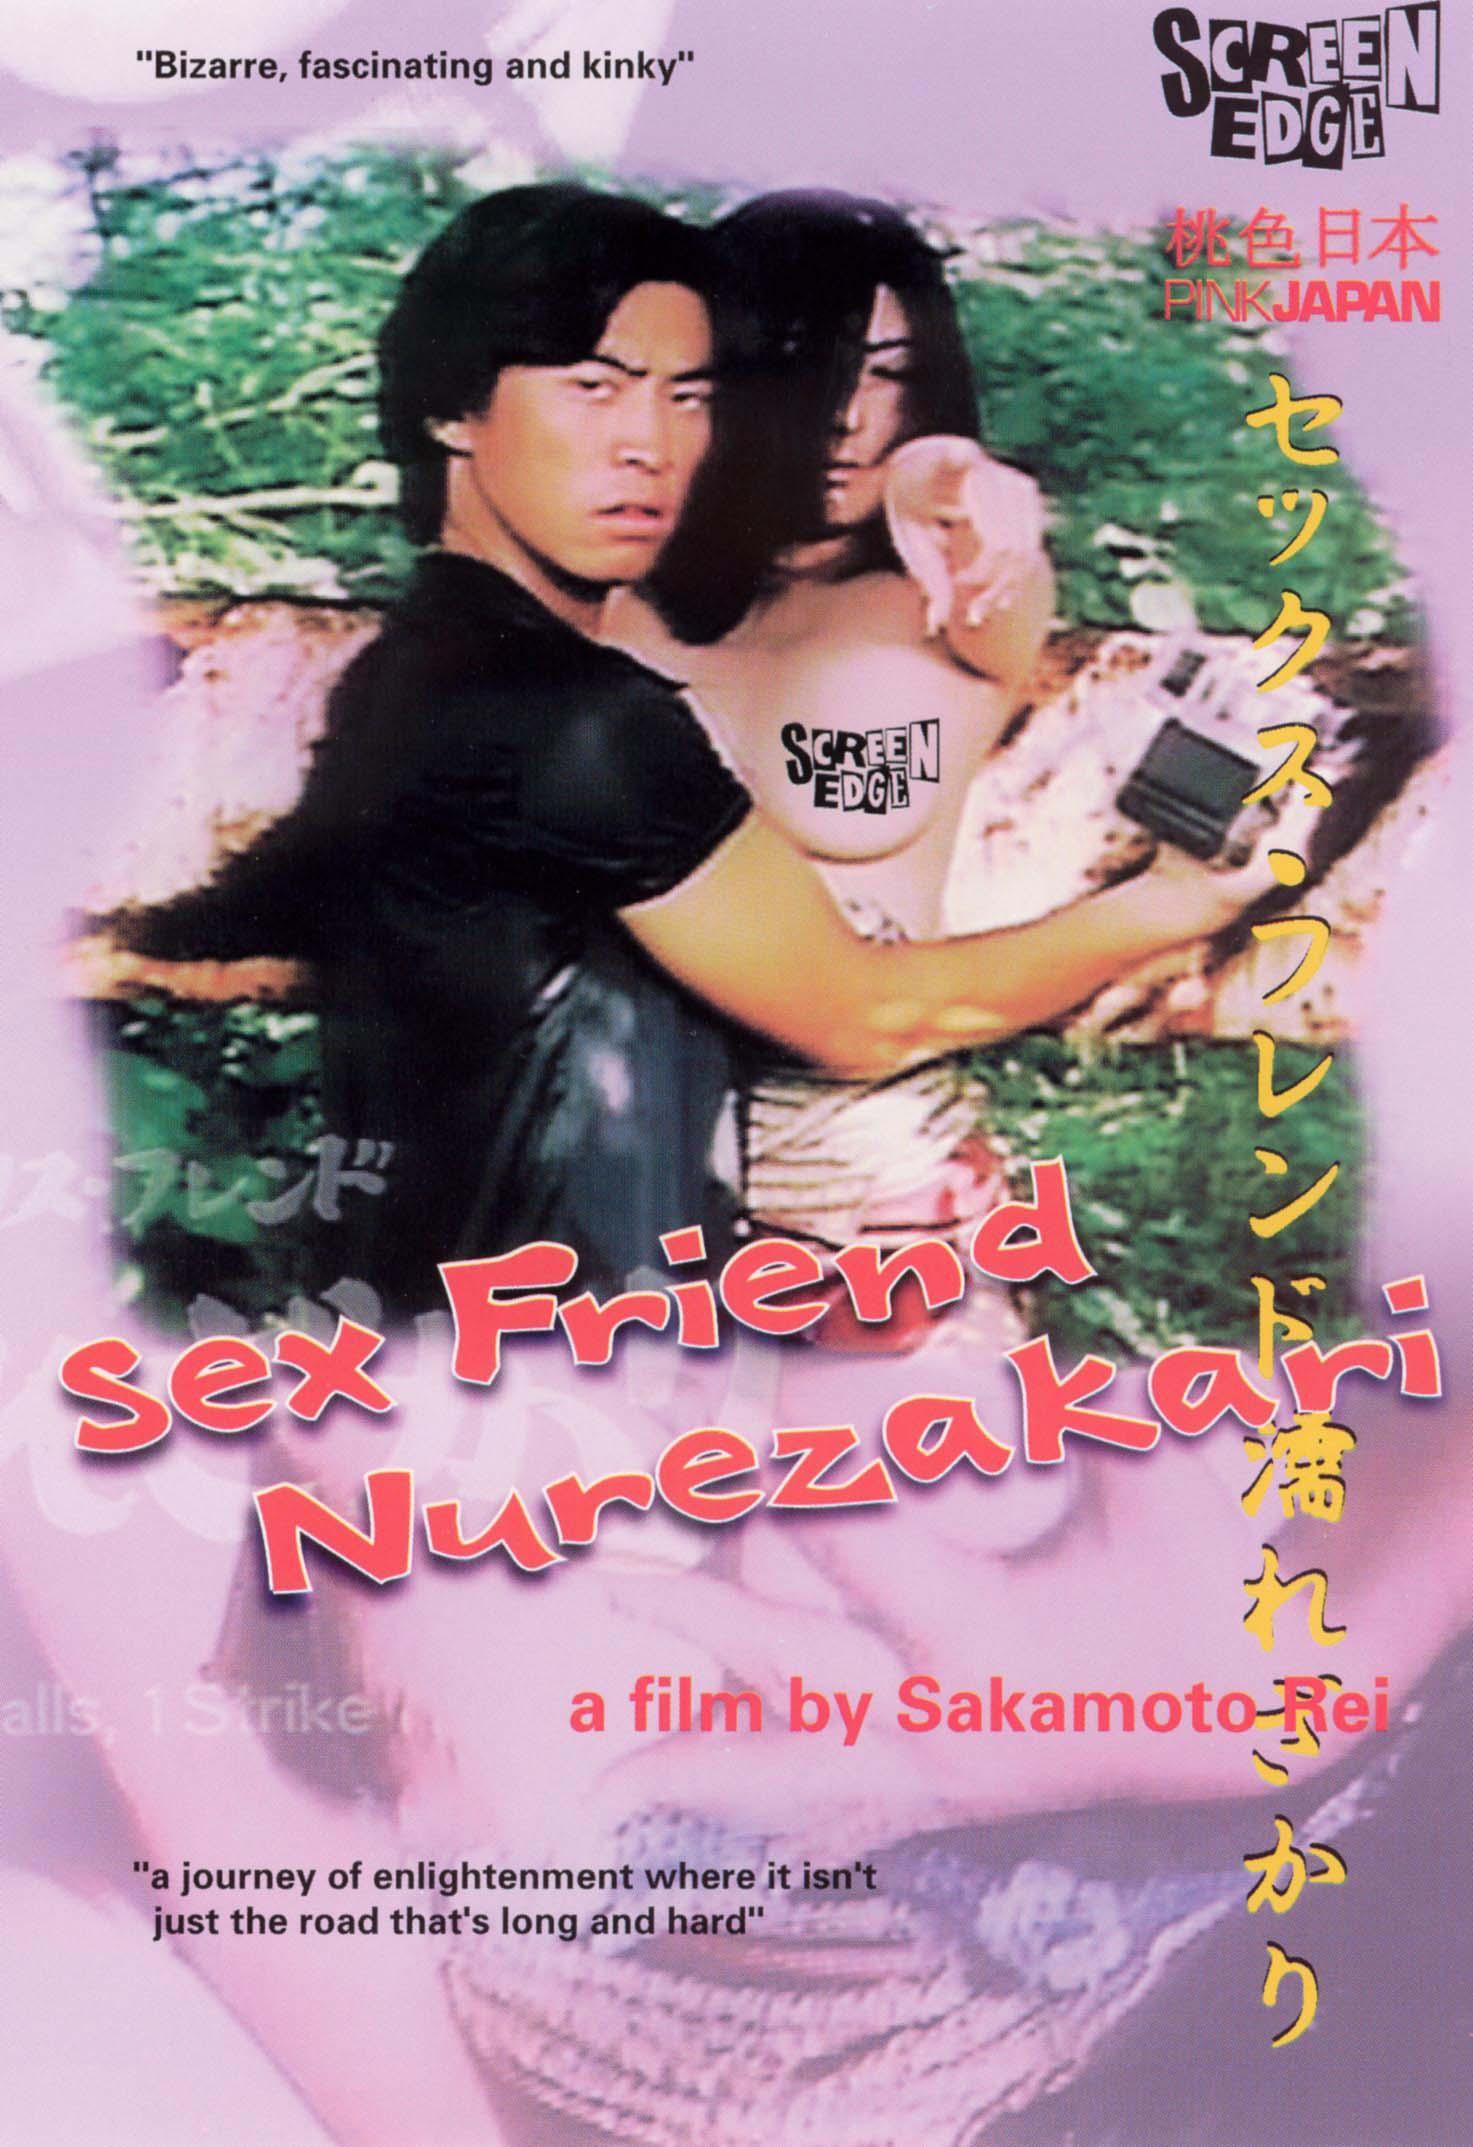 Sex Friend Nurezakari